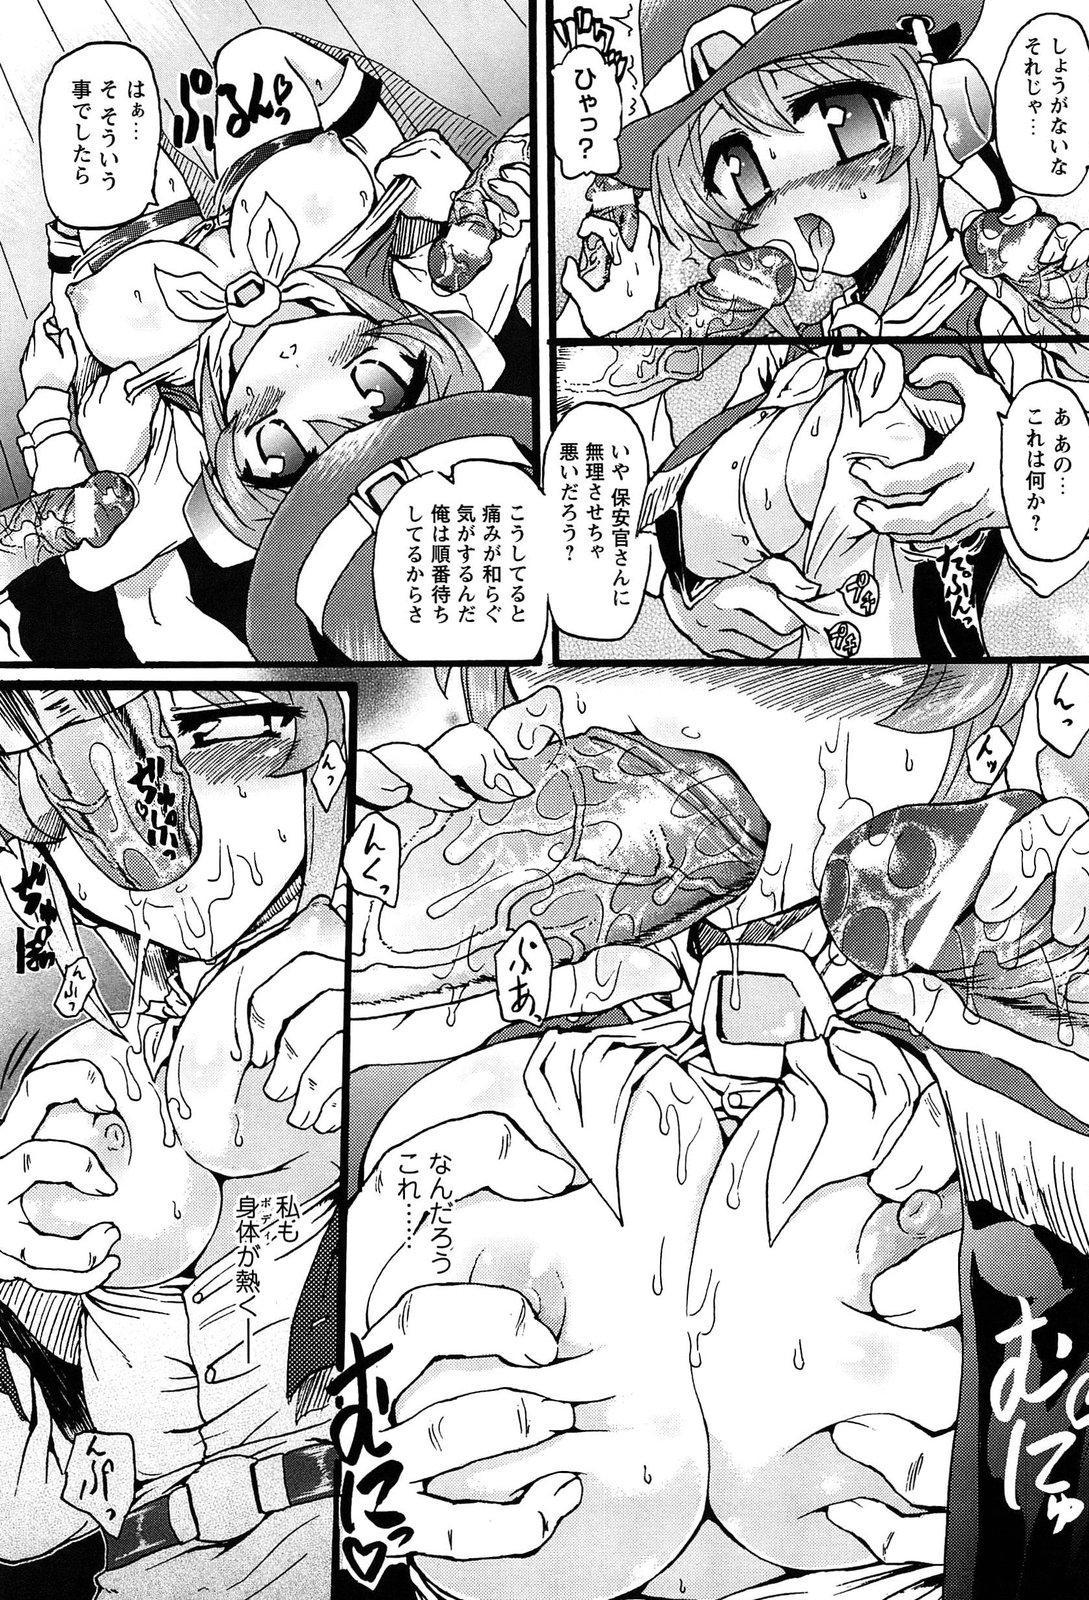 Eroge o Tsukurou! Genteiban - Let's develop the adult game together 187